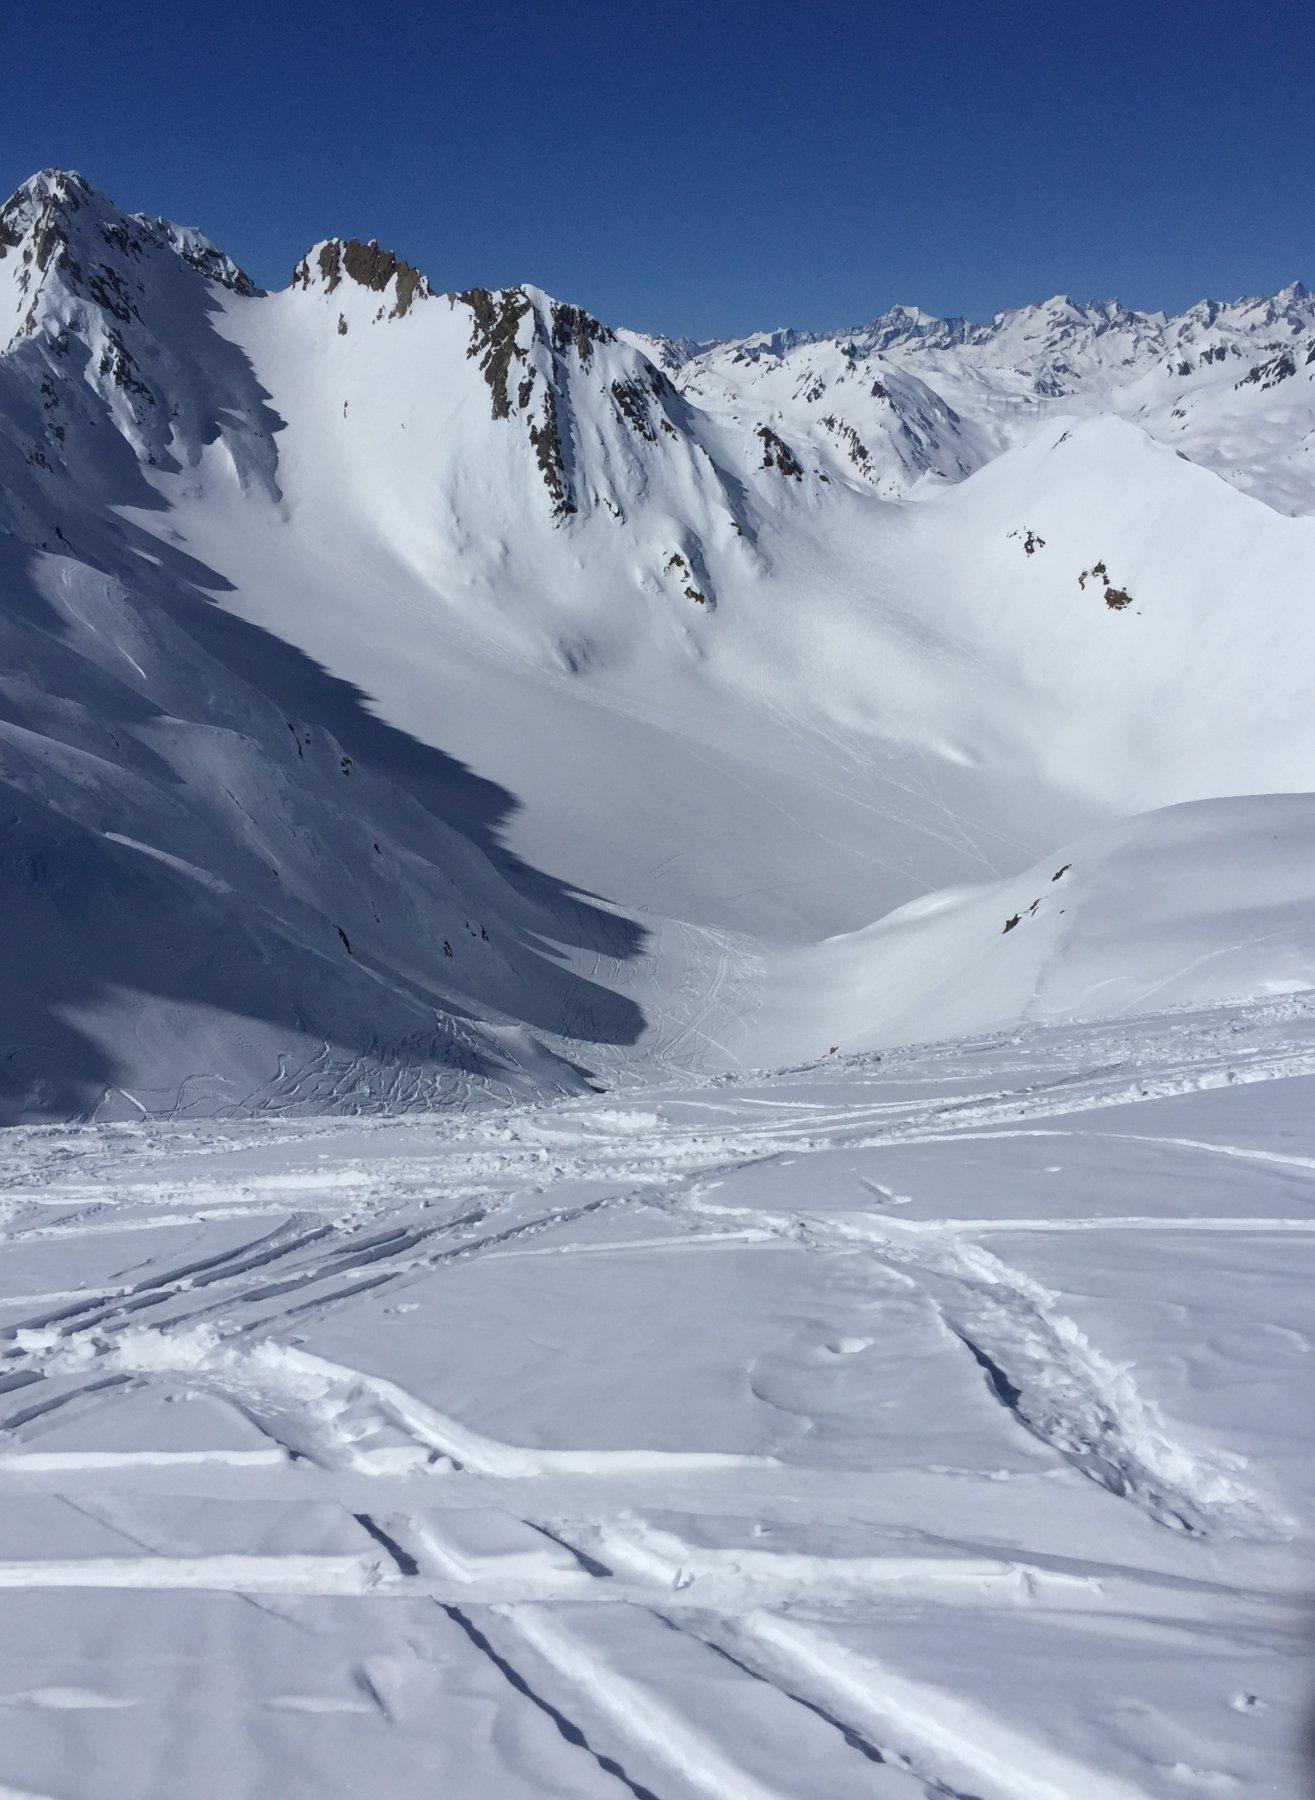 Qui sotto il ghiacciaio e laggiù il colle diel poncione di val piana verso cui dirigersi